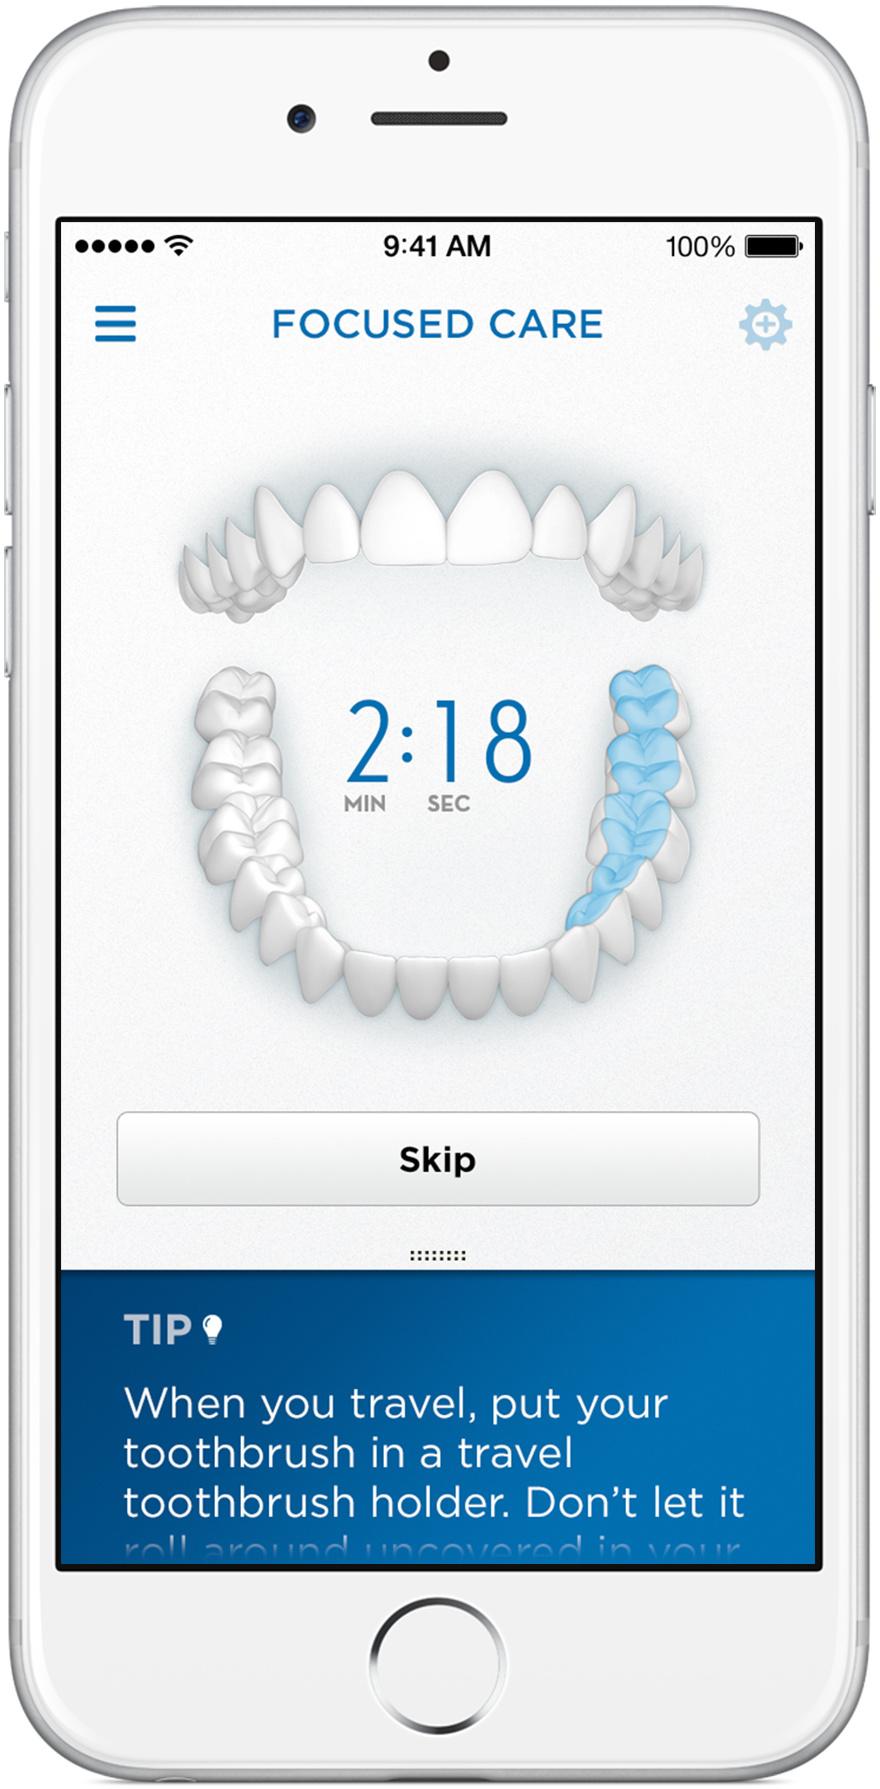 Oral-B app Focused Care